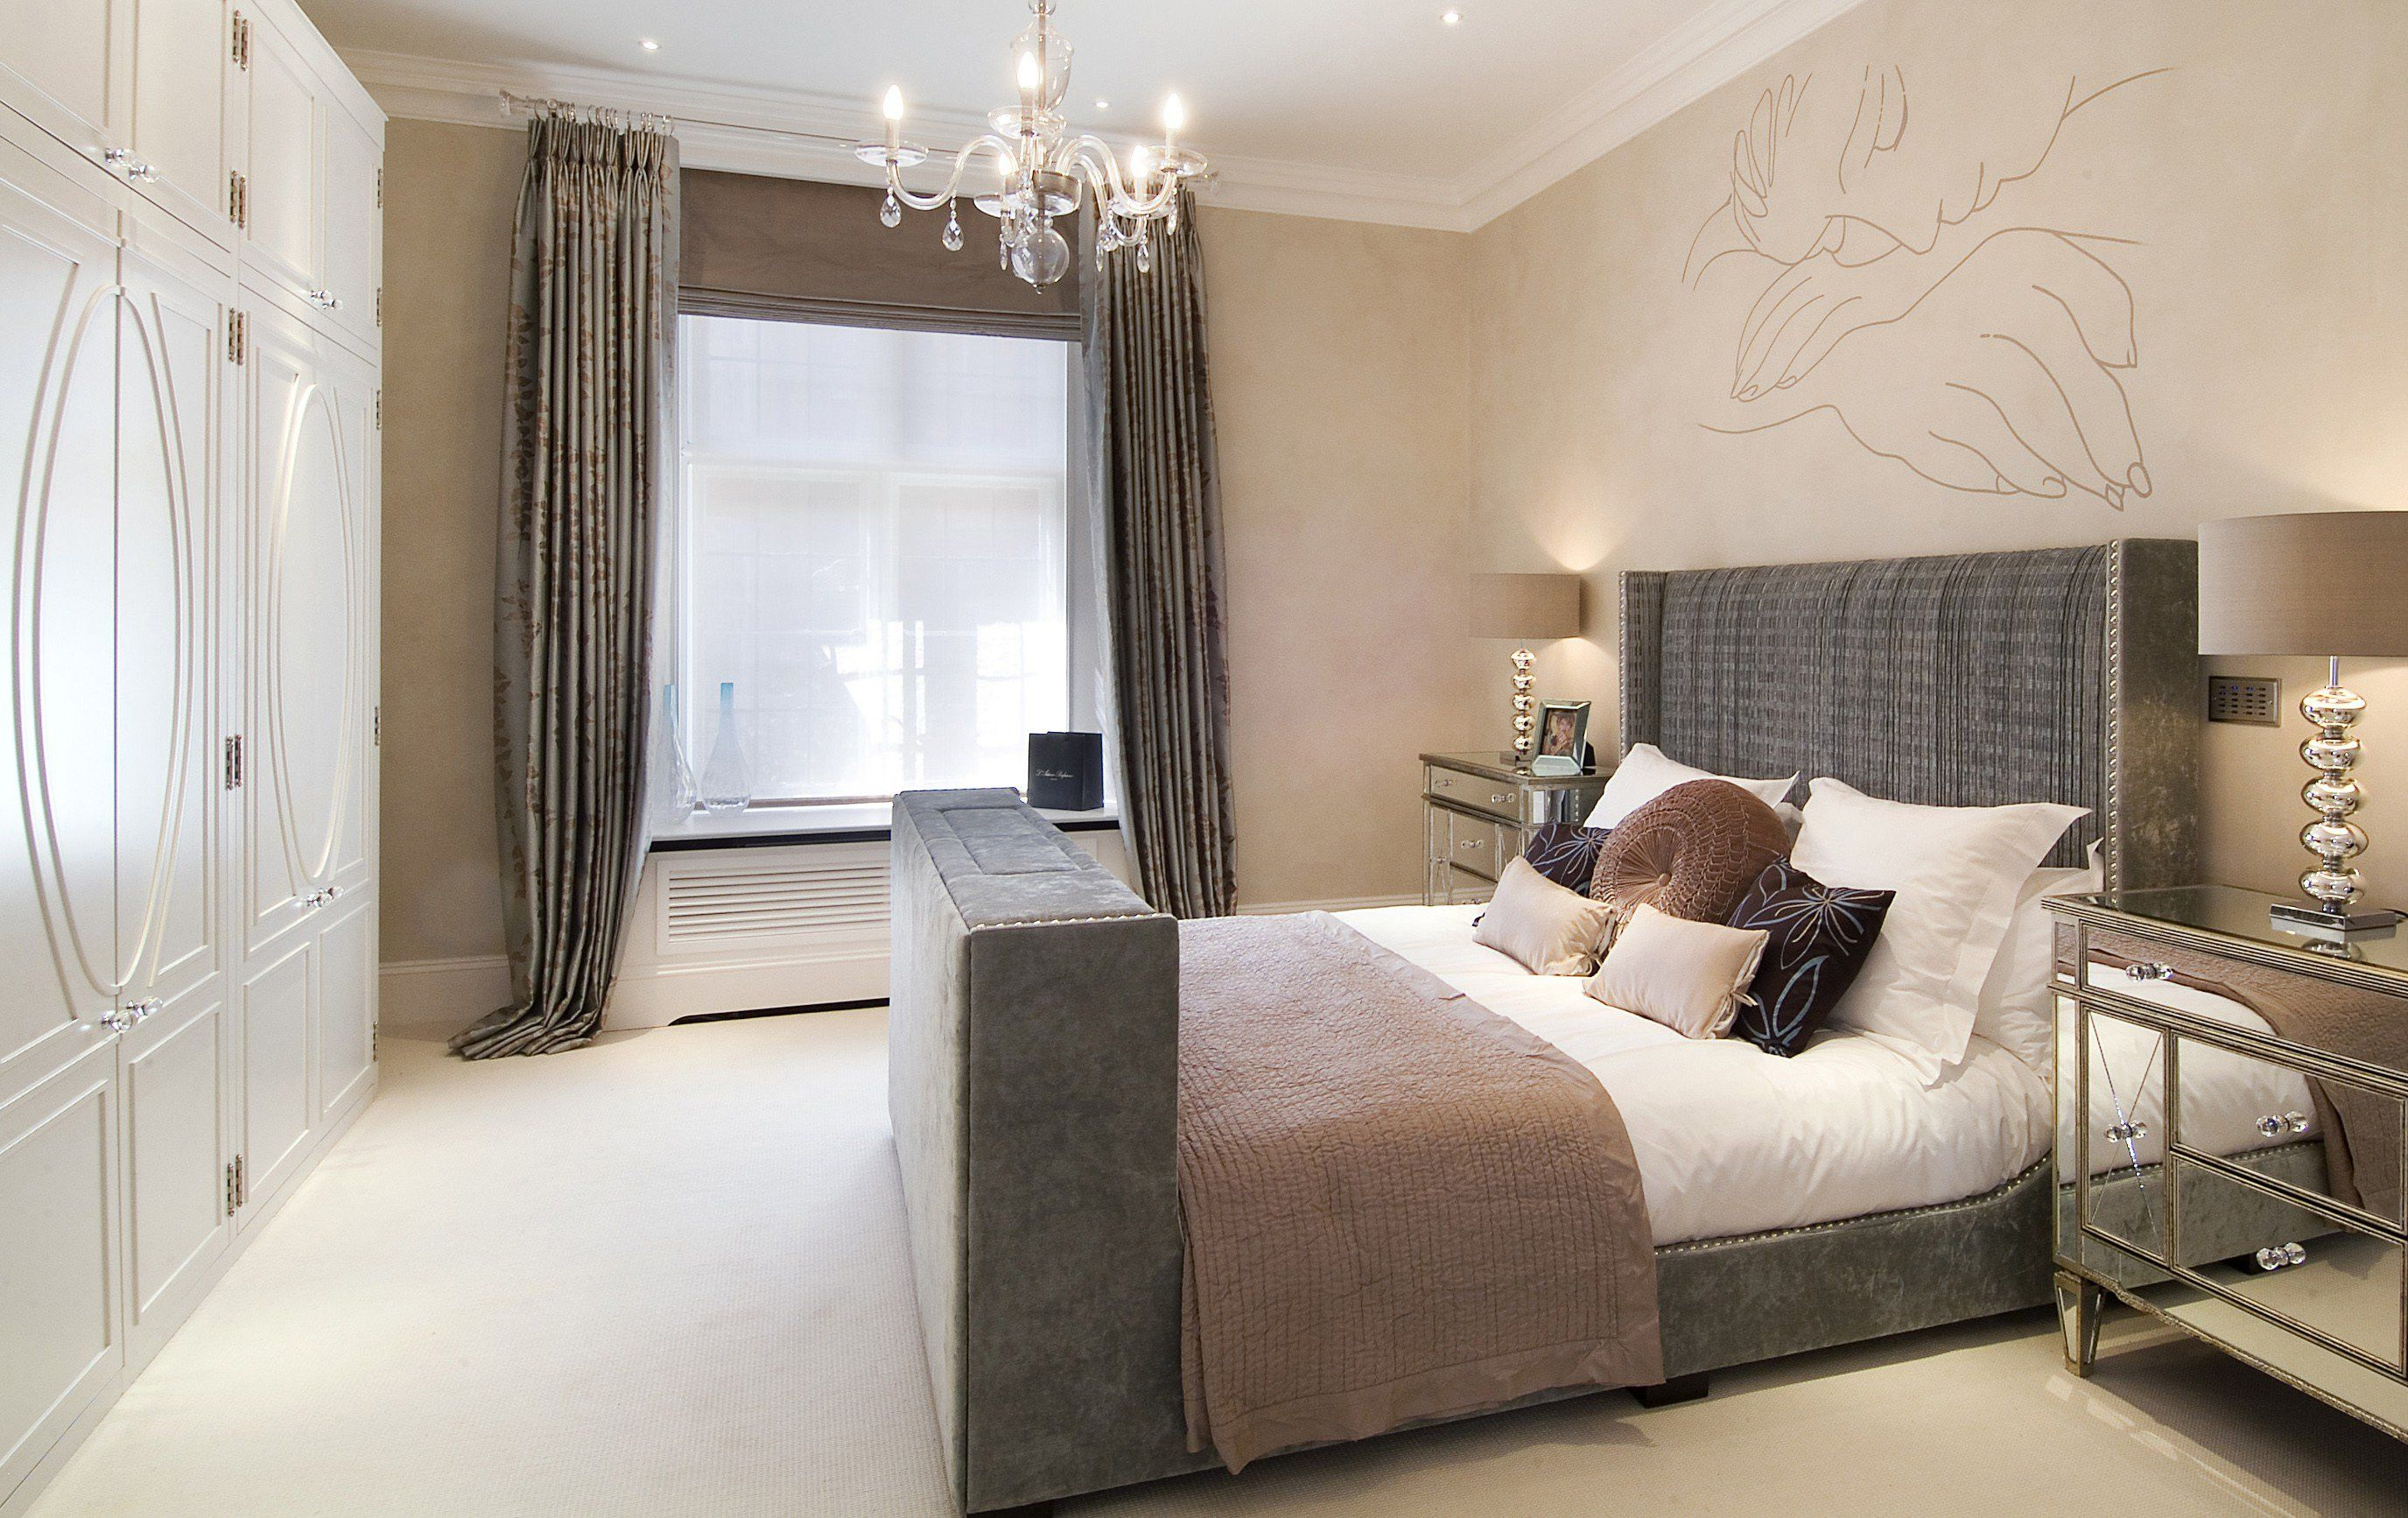 Finest Bedroom Renovations June 2018 Small Master Bedroom Small Bedroom Decor Master Bedroom Design